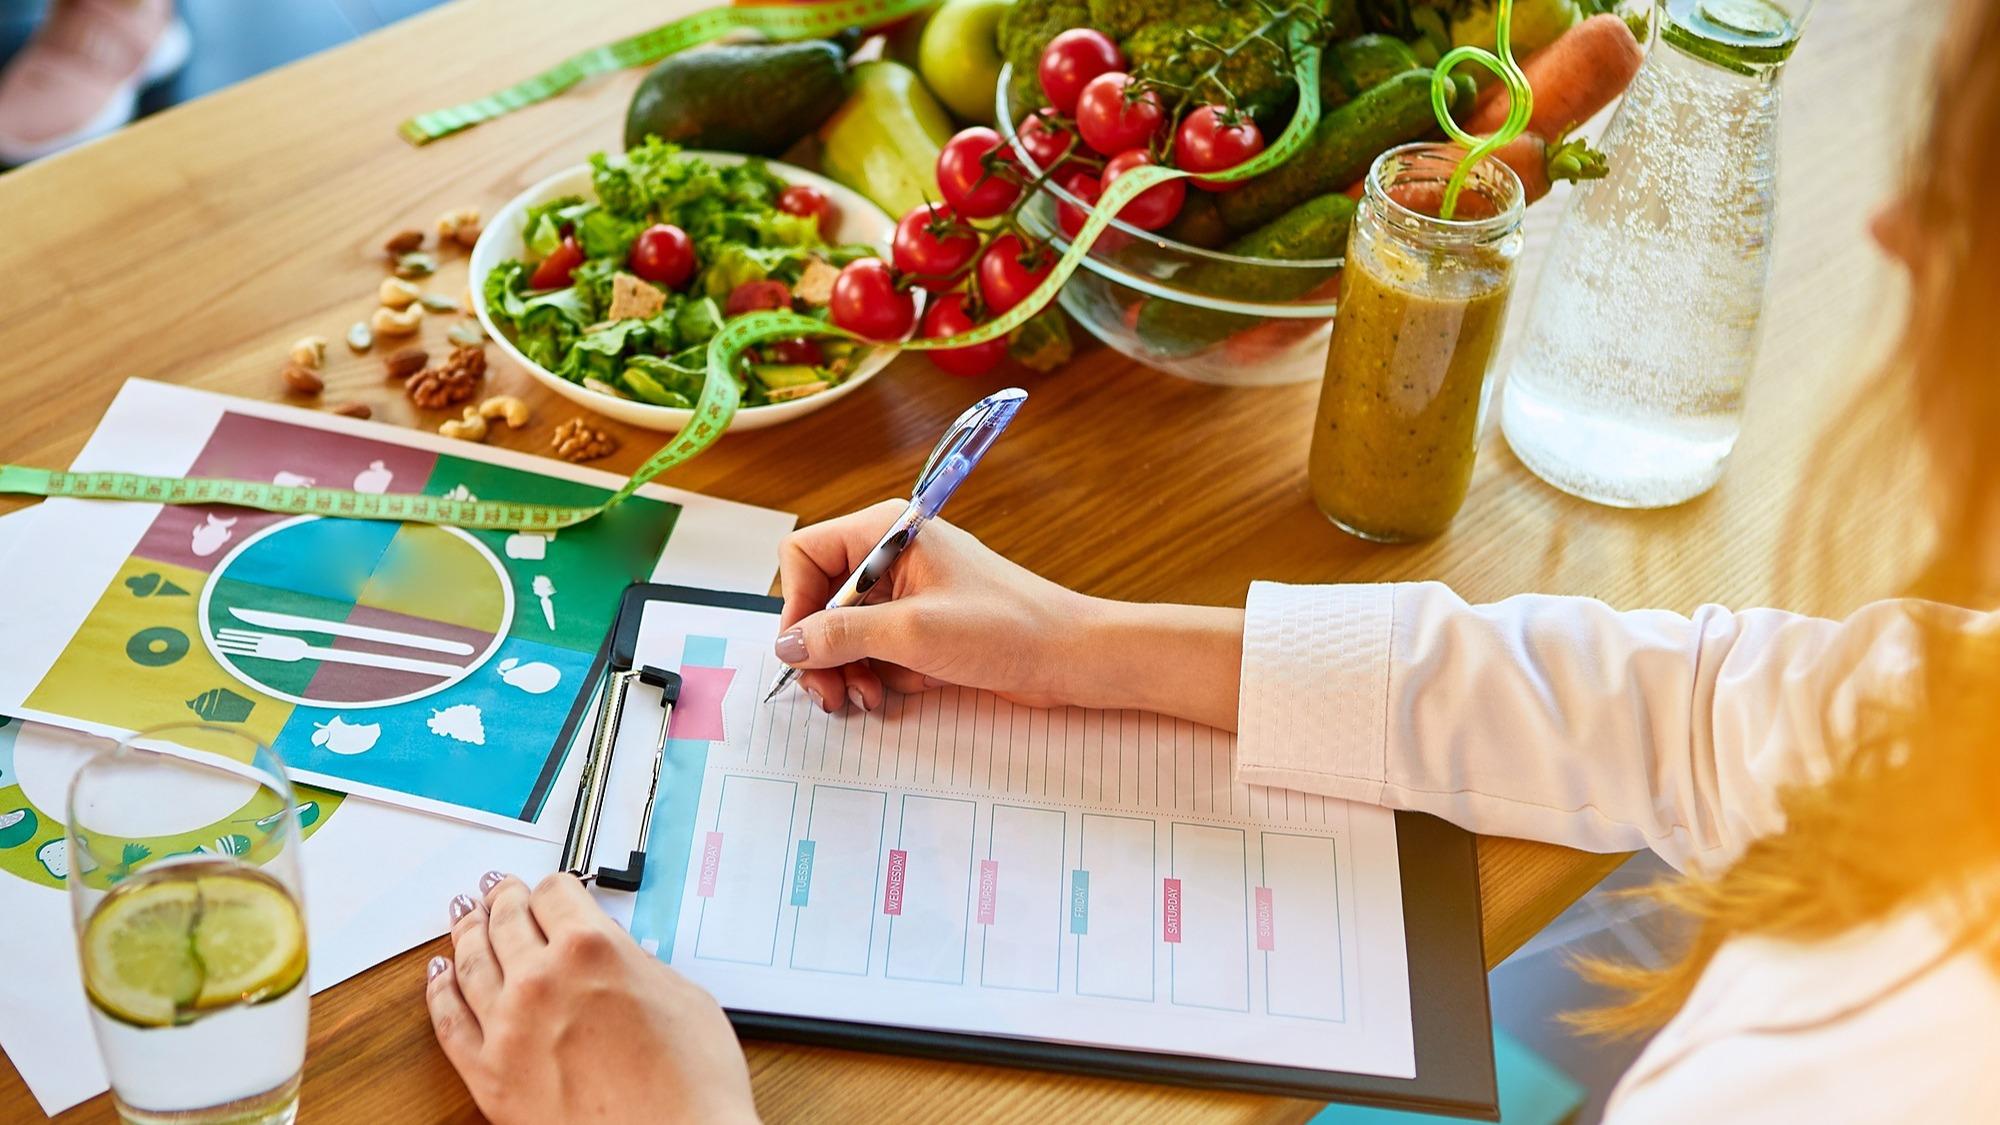 Représentation de la formation : PEC21 - Entretien diététique : relation d'aide et posture éducative